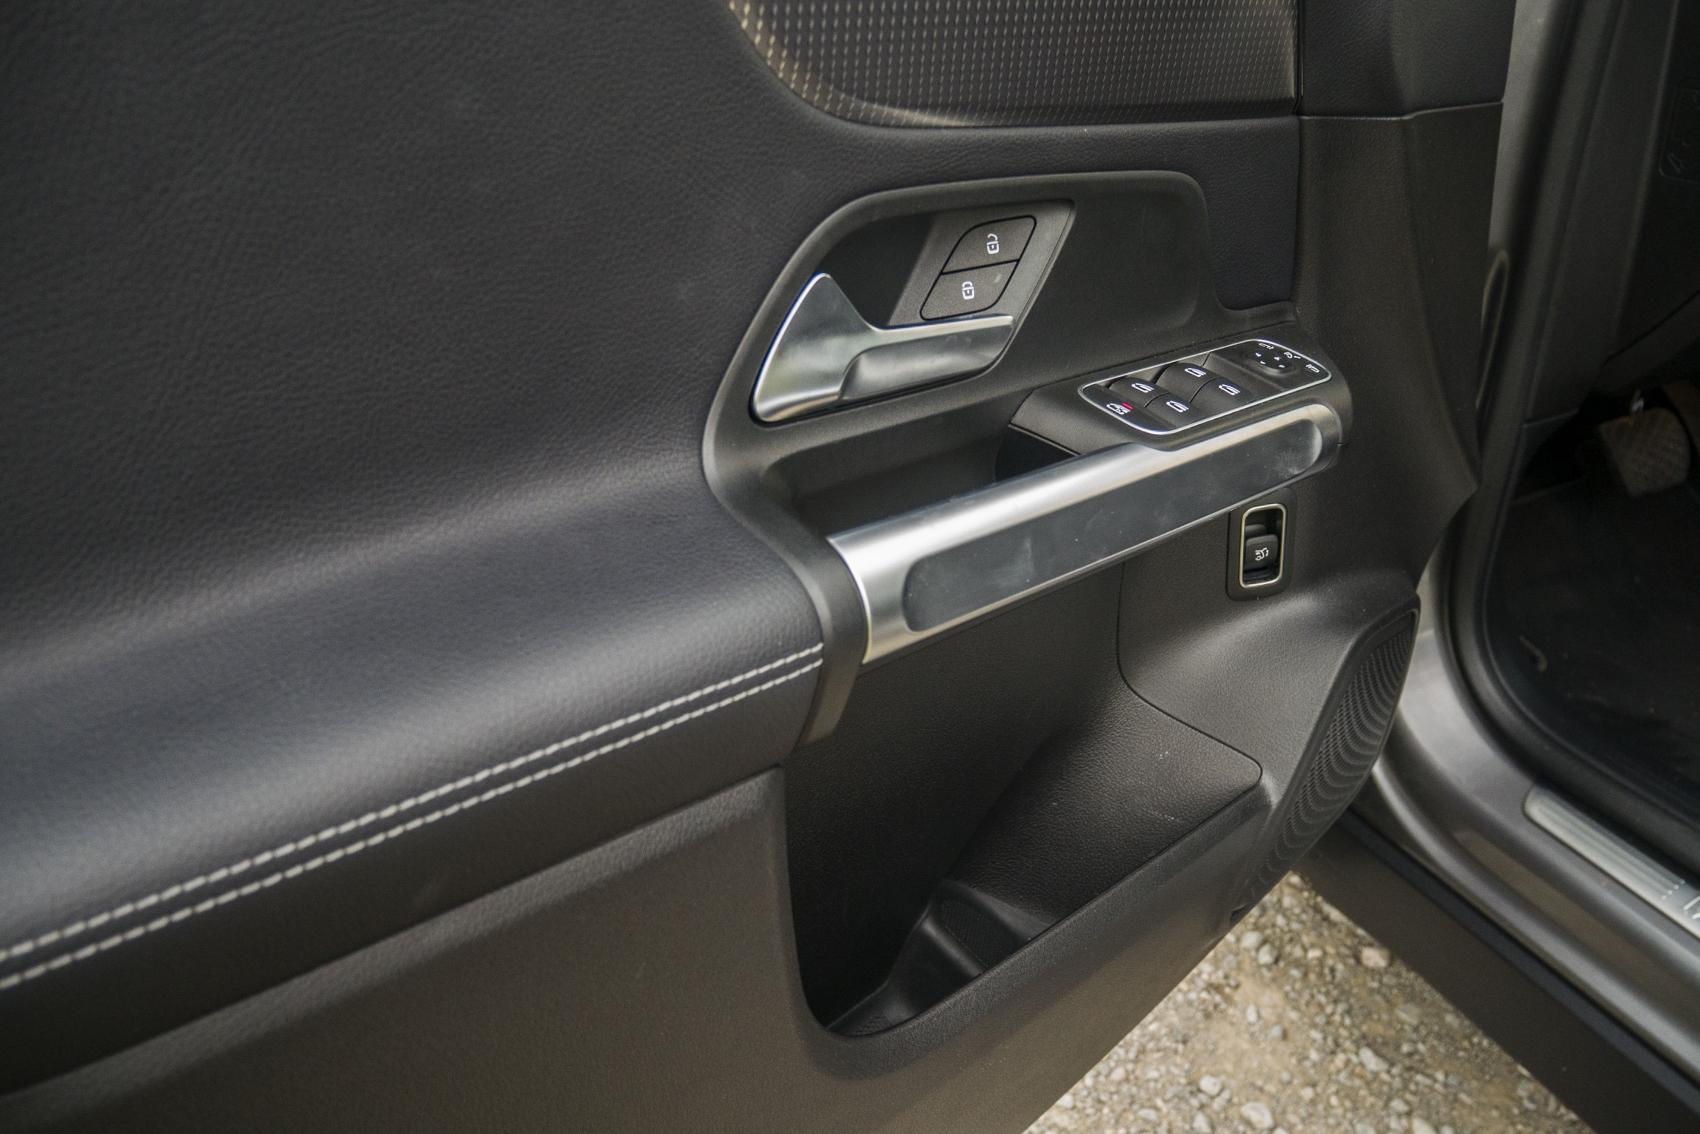 Test: Mercedes GLB 200 ponúka veľký priestor v malom balení 2eWK2I09zO mercedes-glb-30-1700x1134